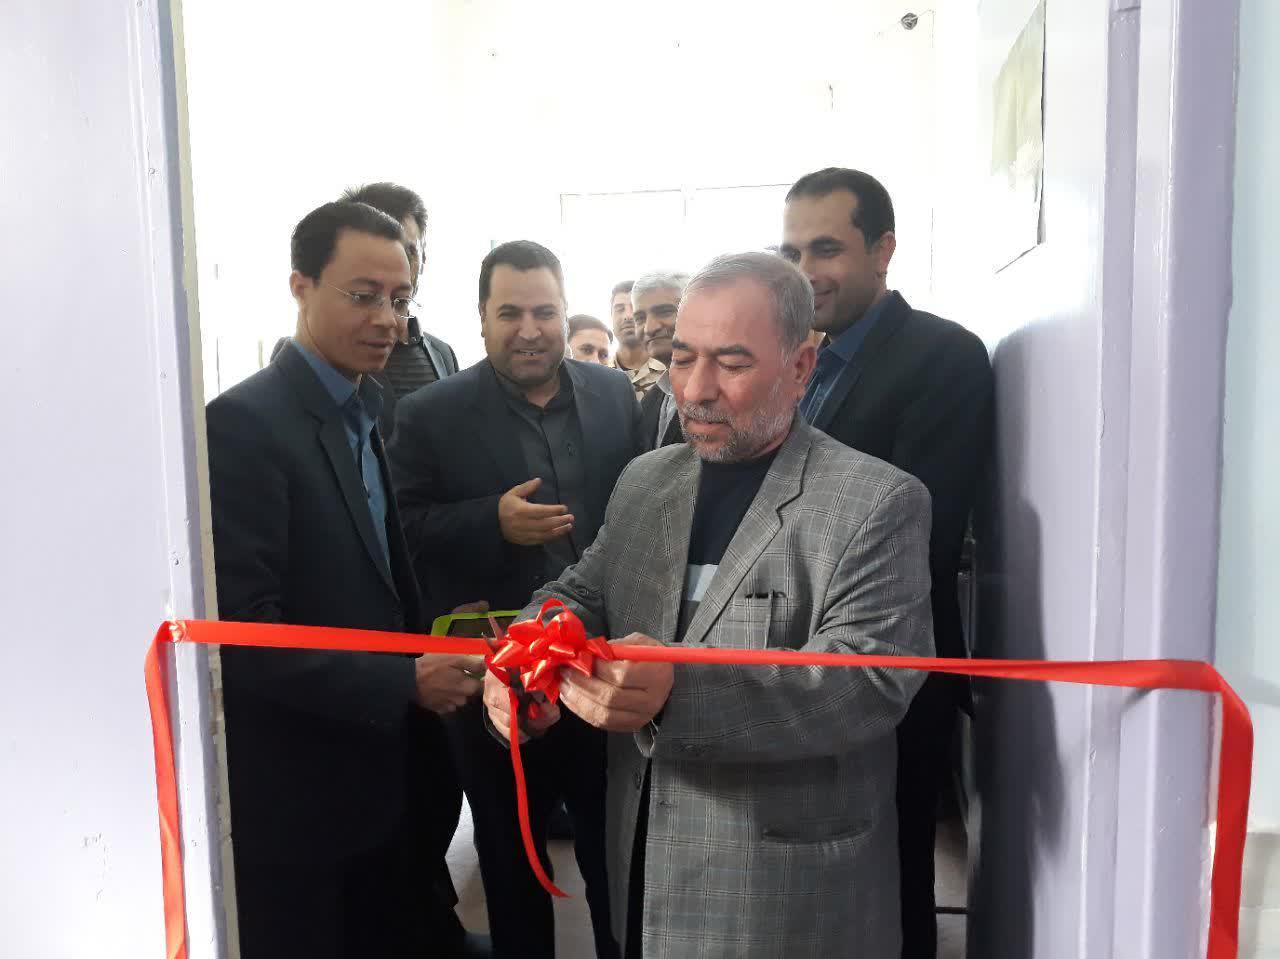 افتتاح مرکز راهنمایی و مشاوره خانواده پیوند